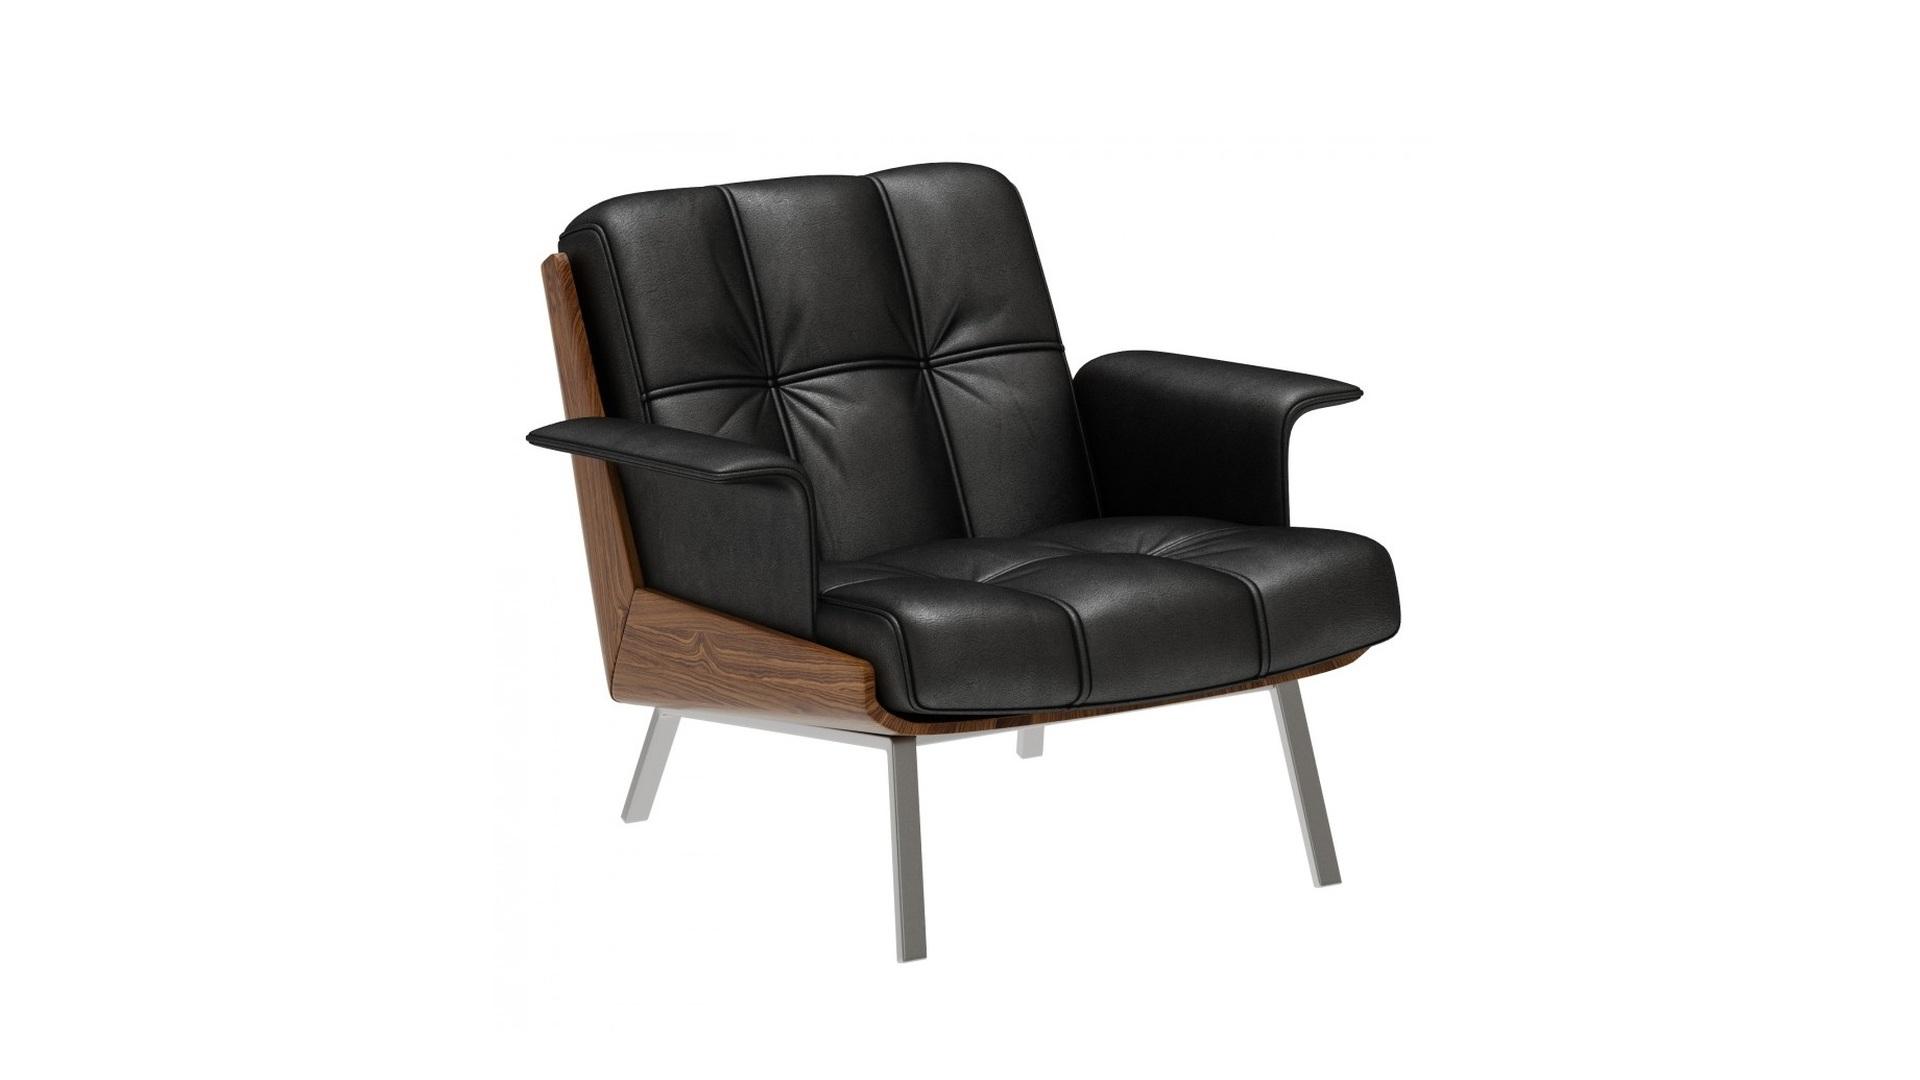 Daiki armchair2.jpg